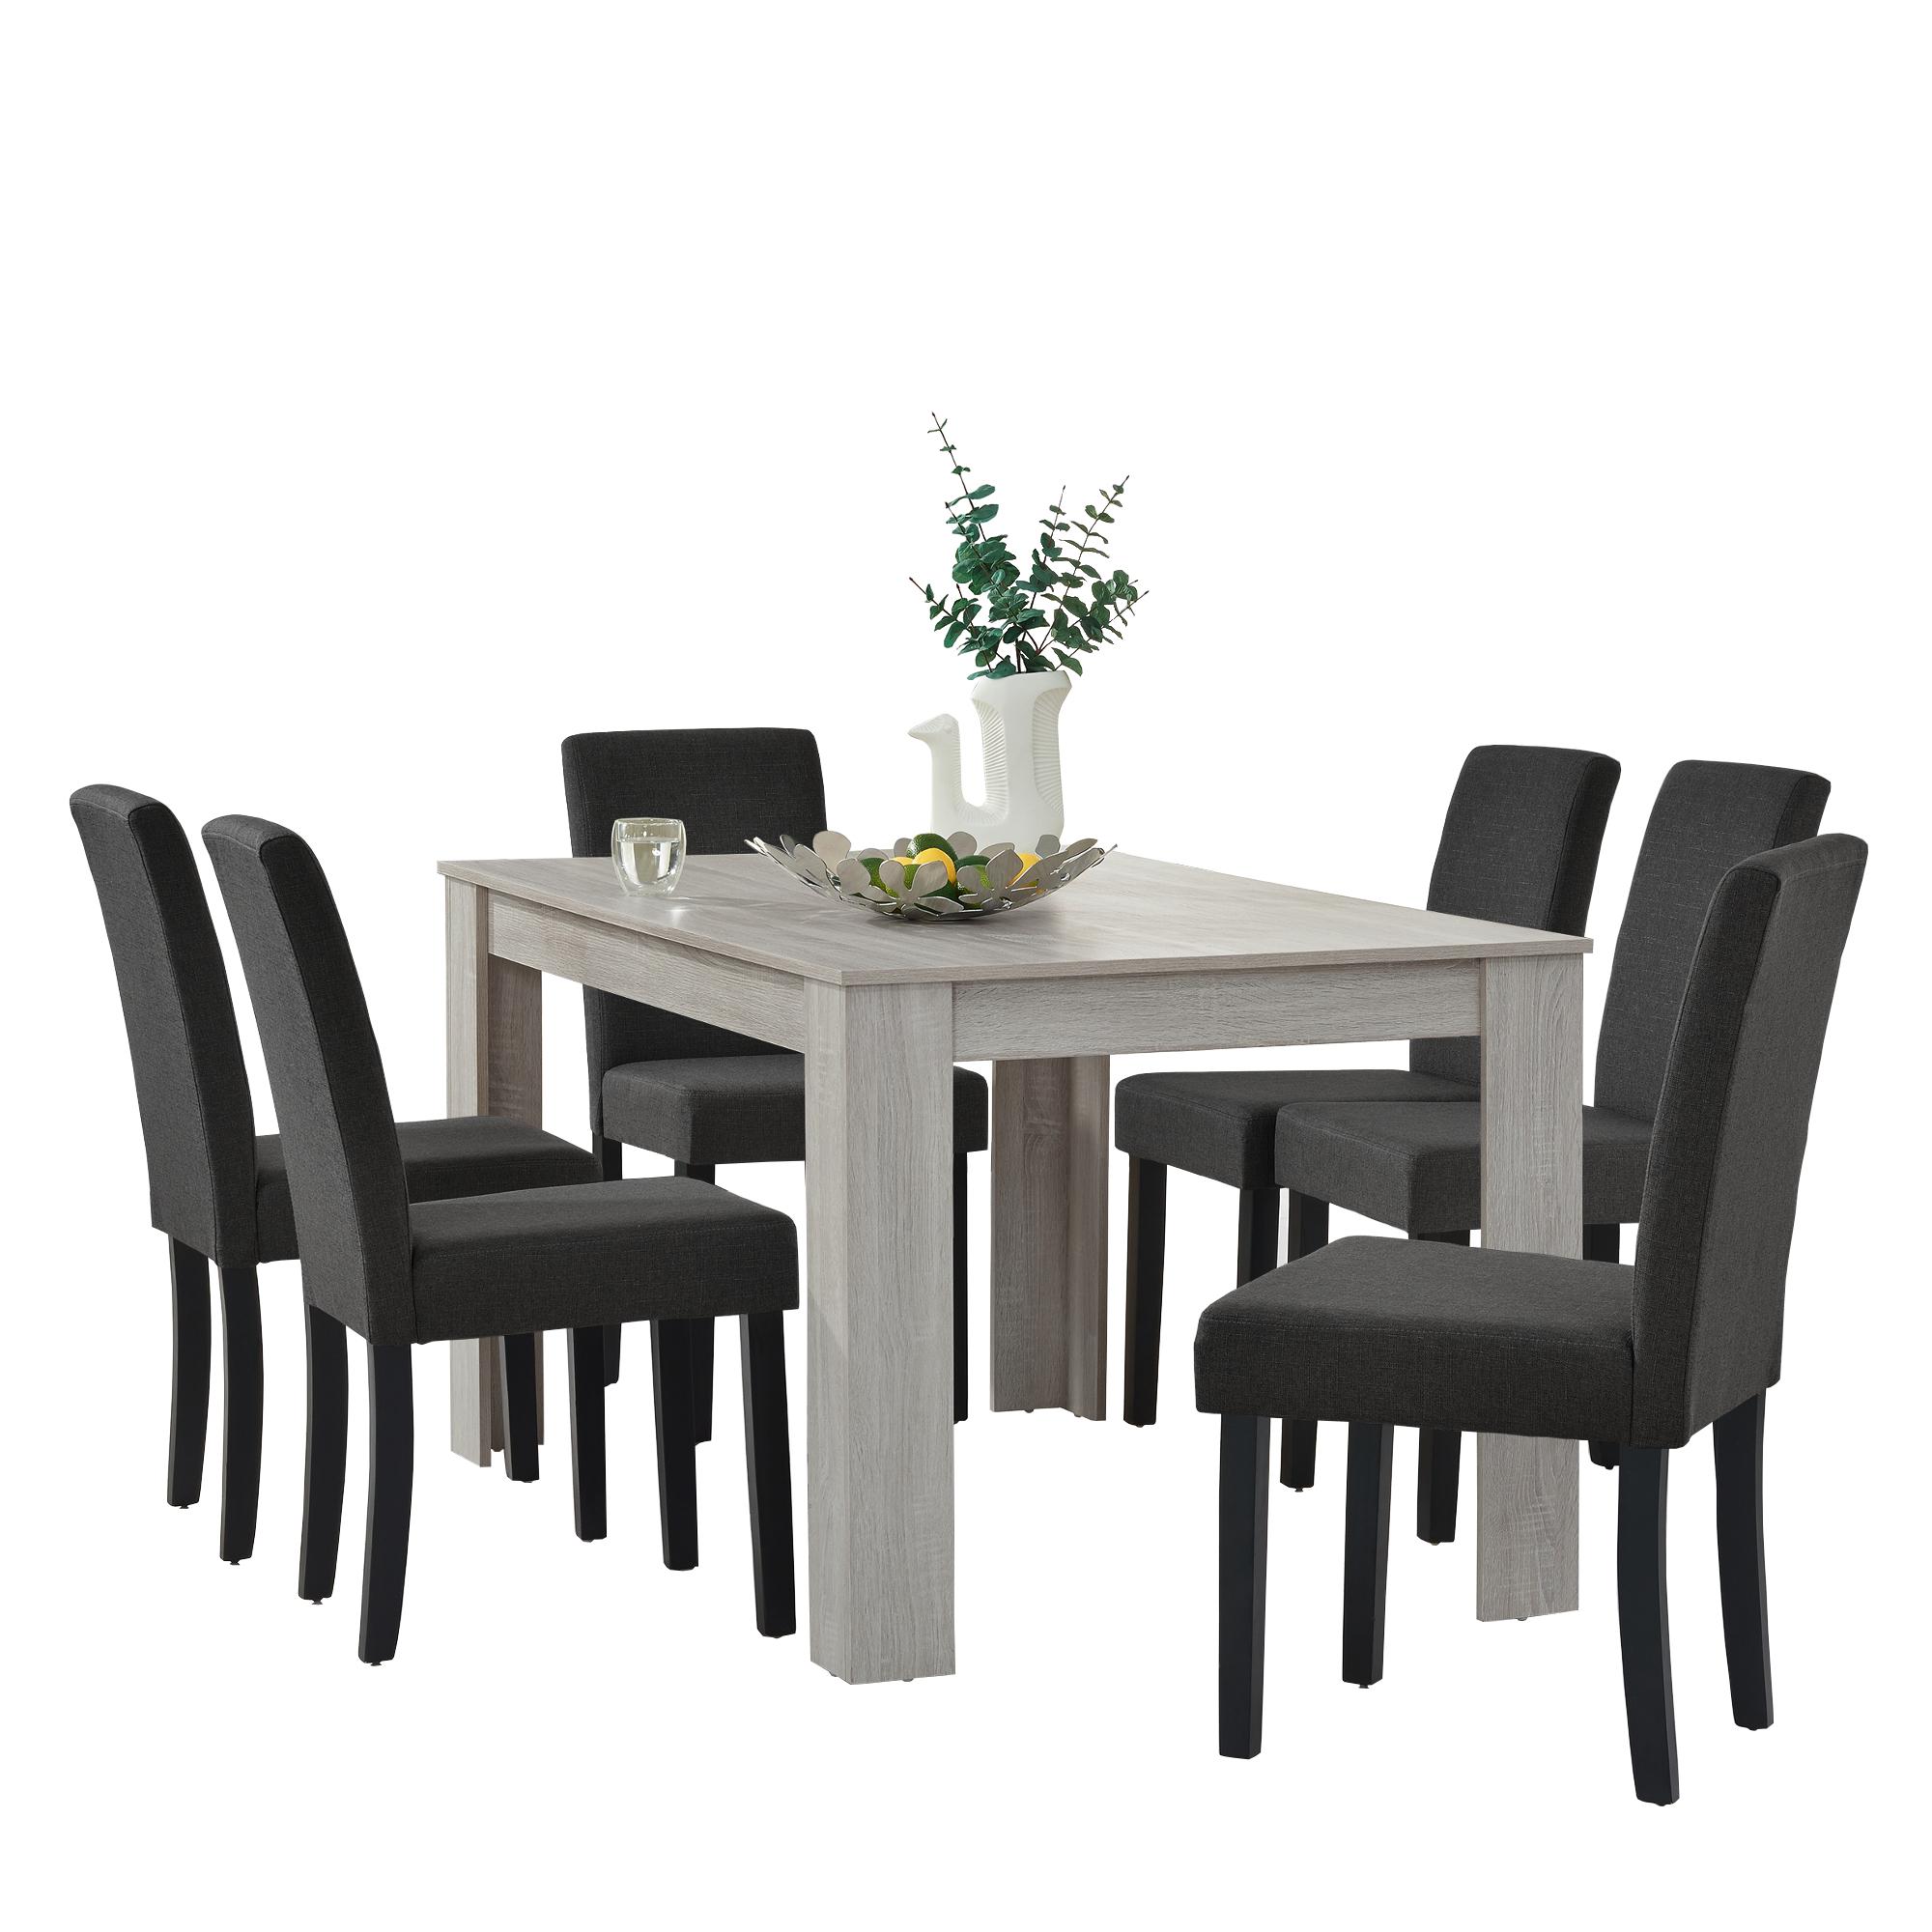 Esstisch Eiche weiß mit 6 Stühlen grau Textil [140x90] Tisch Stühle ...